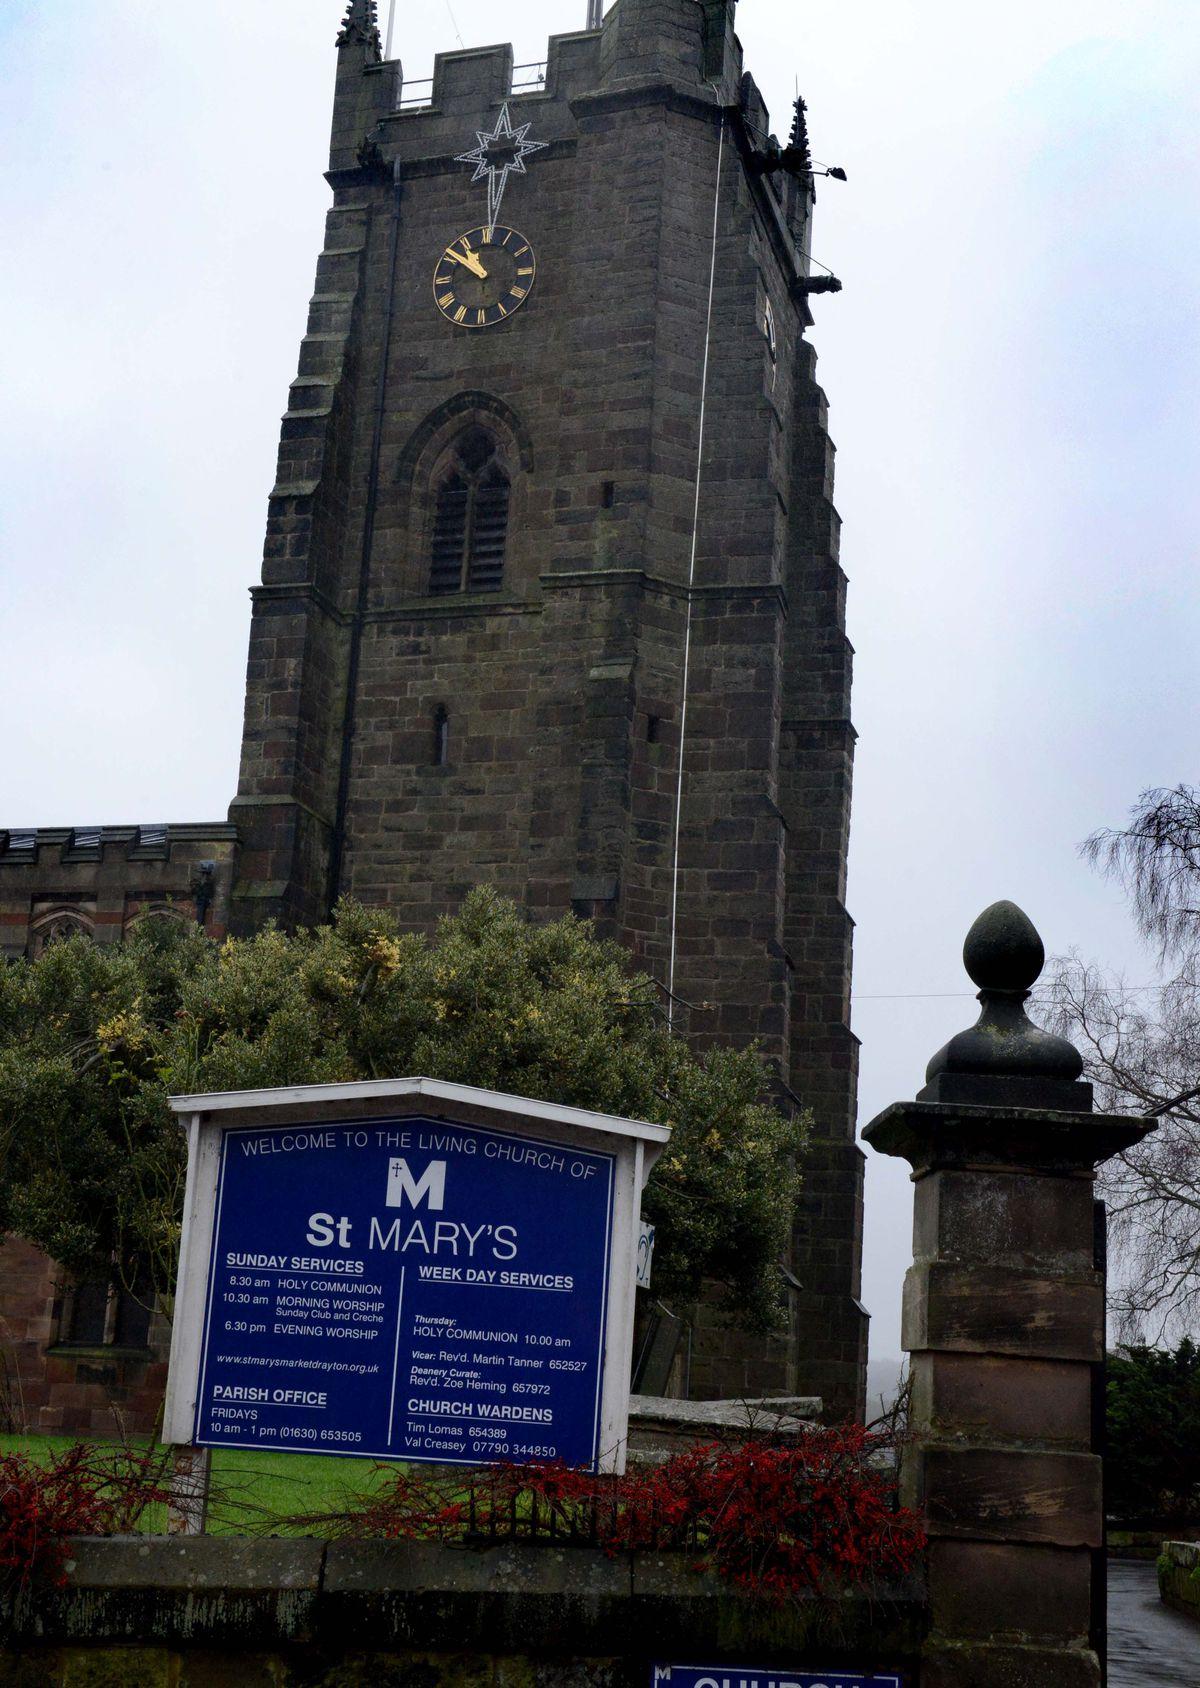 St Mary's Church in Market Drayton